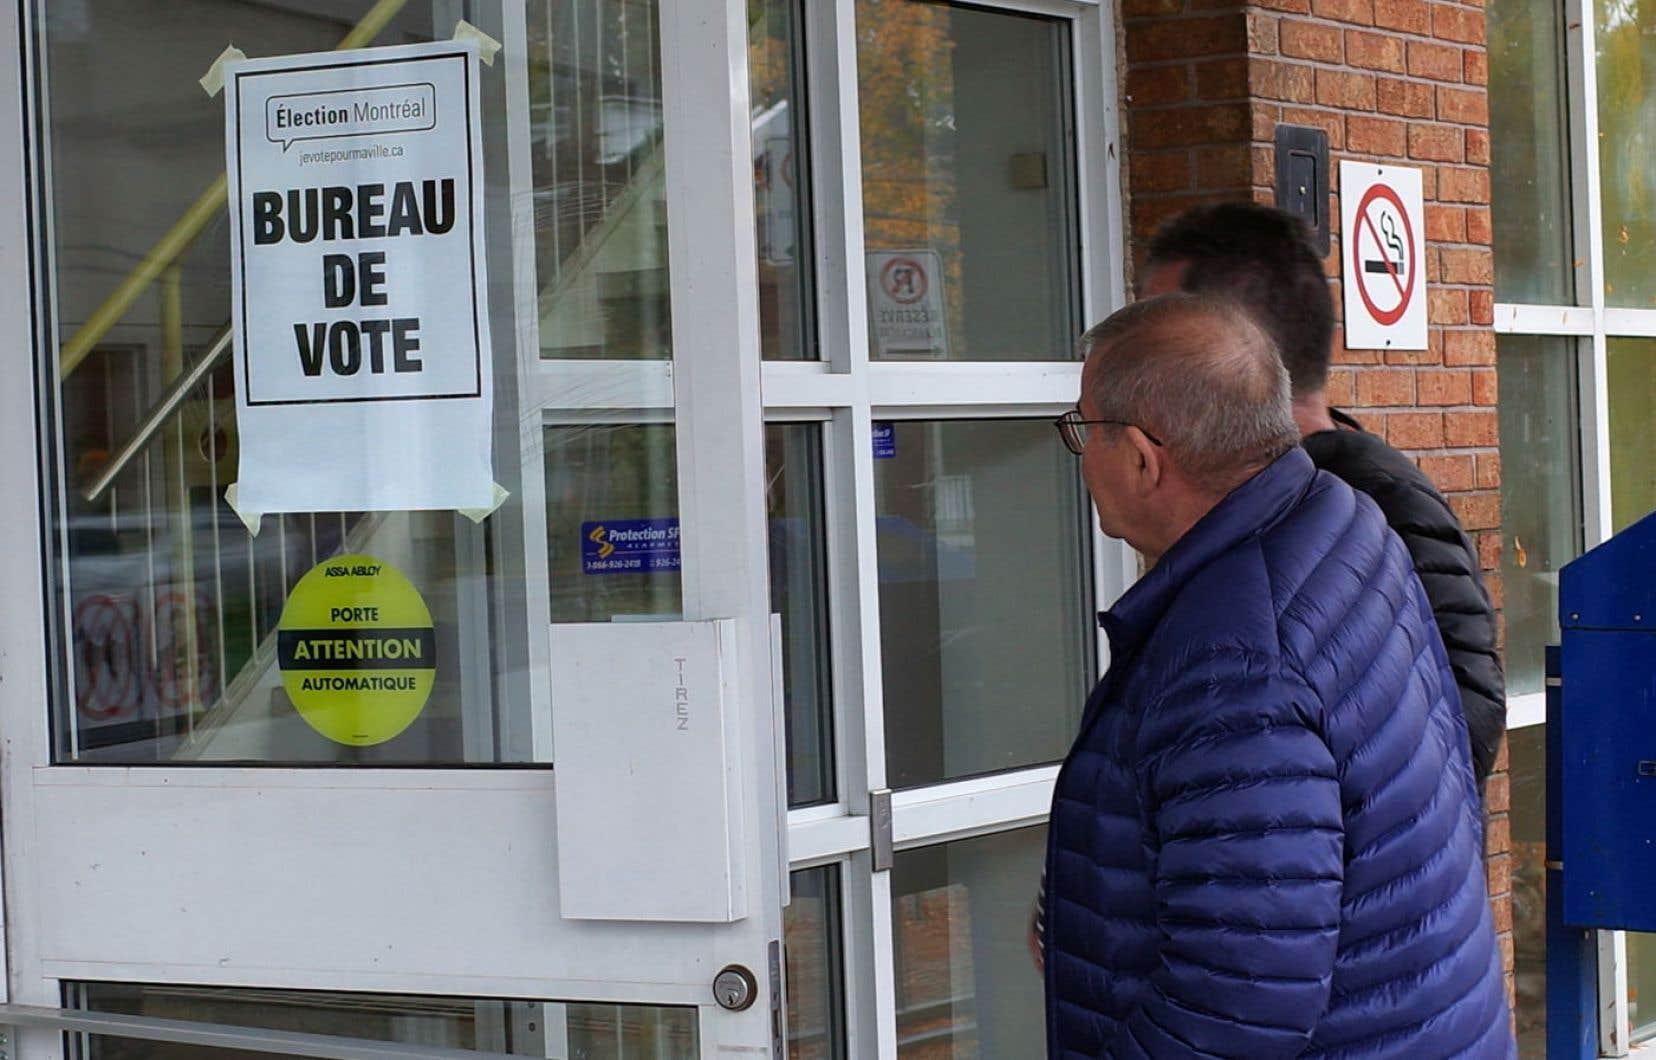 Le taux de participation aux élections municipales est beaucoup plus faible qu'aux paliers fédéral et provincial, même en temps normal: la moyenne québécoise se situe à 45%. Élections municipales Montréal.